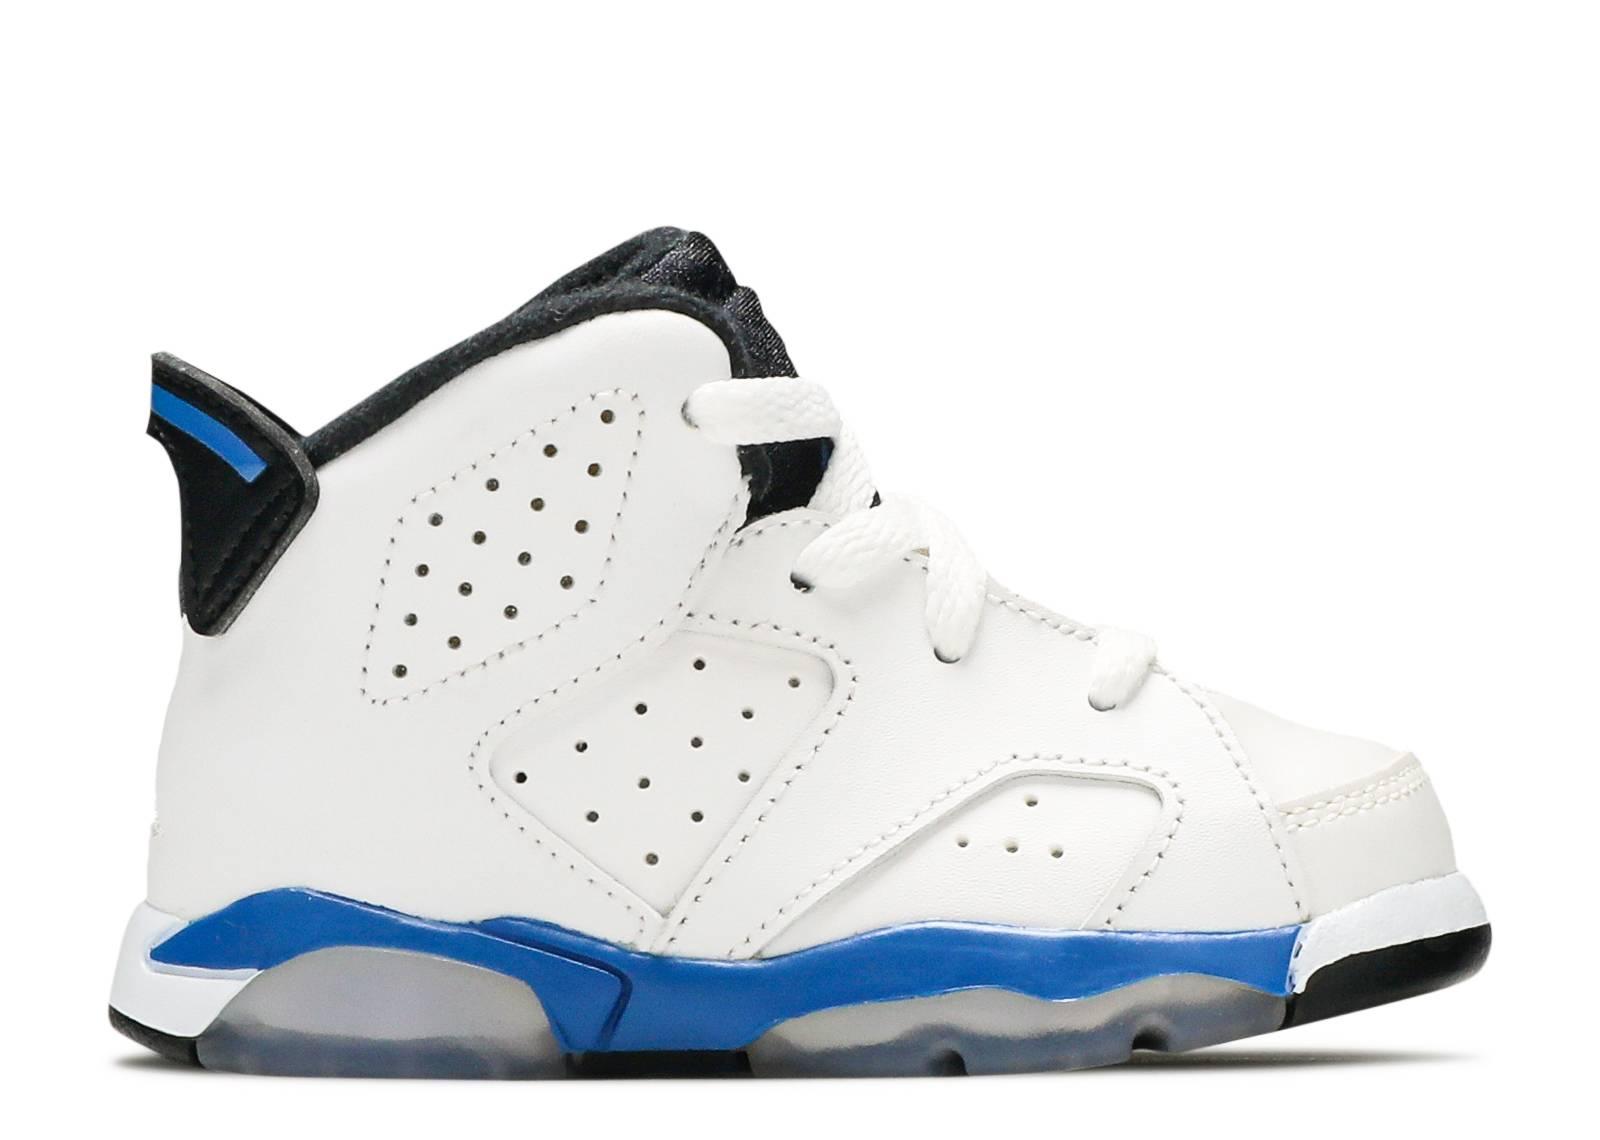 def428eee430 Jordan 6 Retro Bt